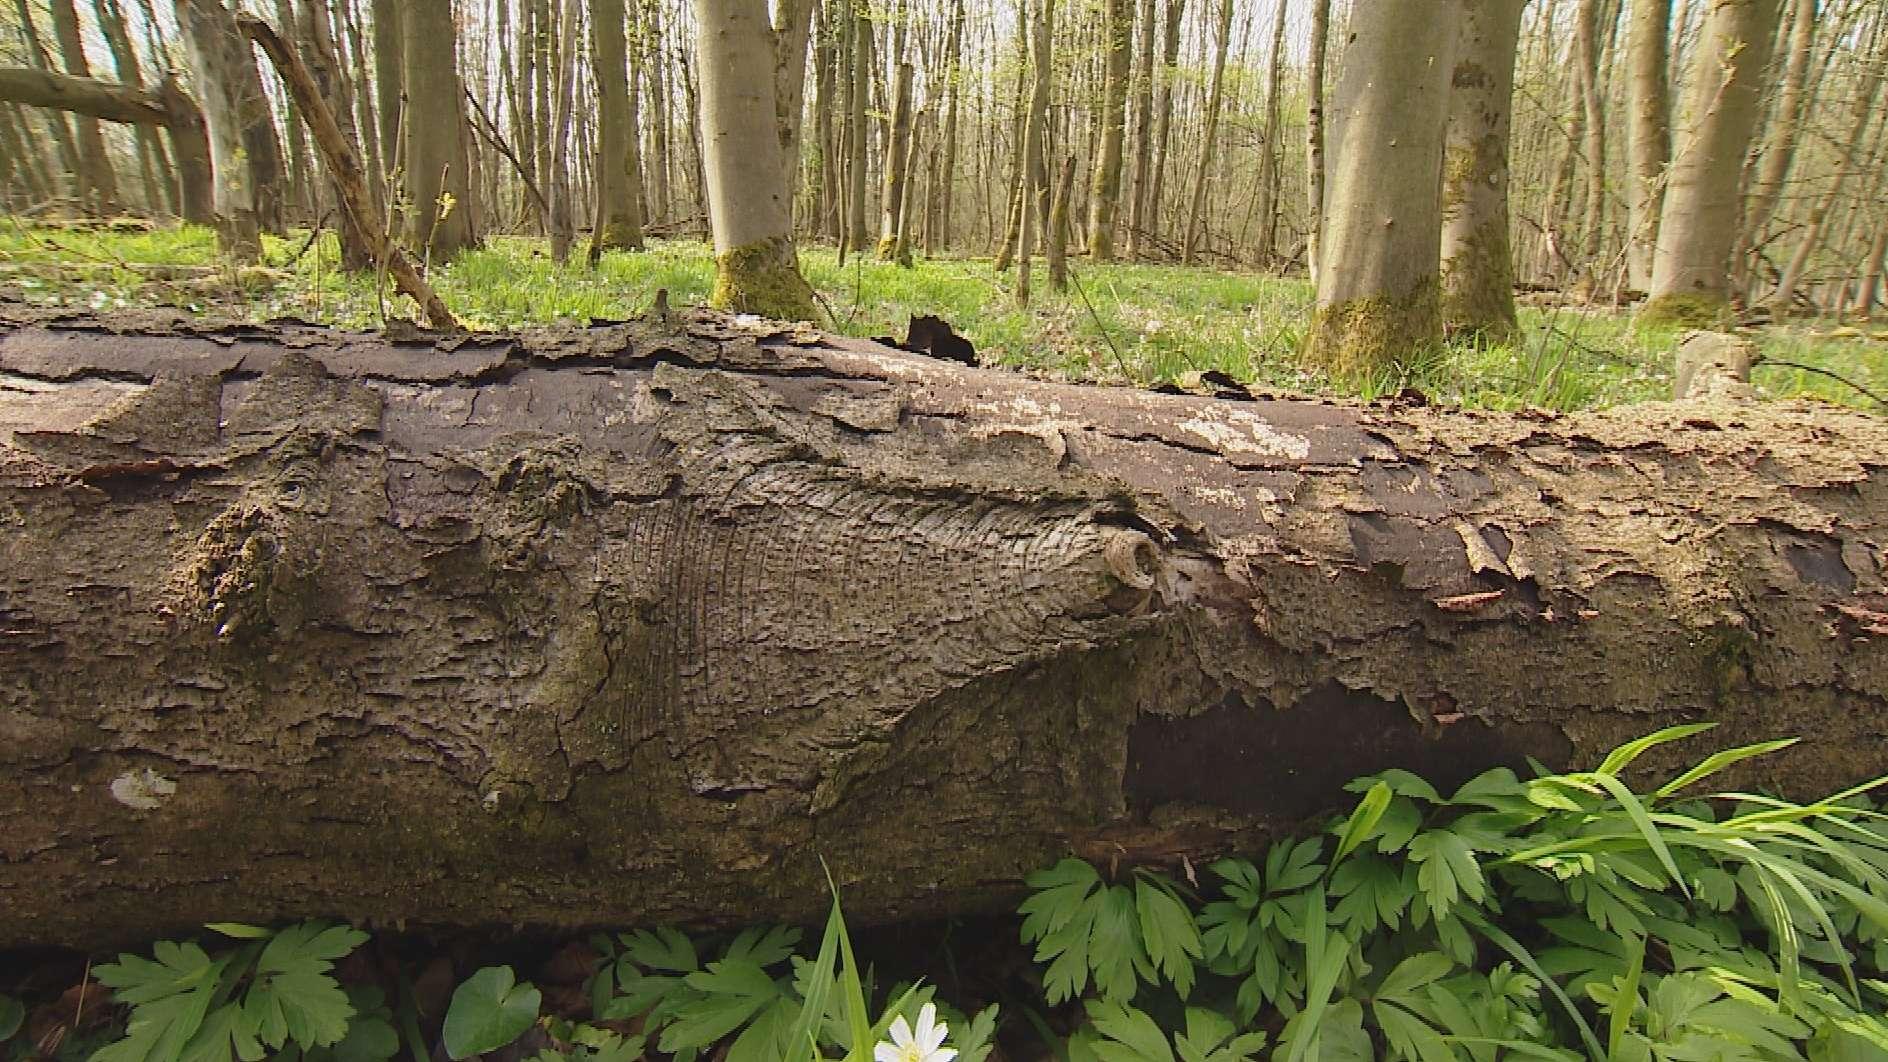 Rußrindenkrankheit: Stamm eines Ahornbaumes